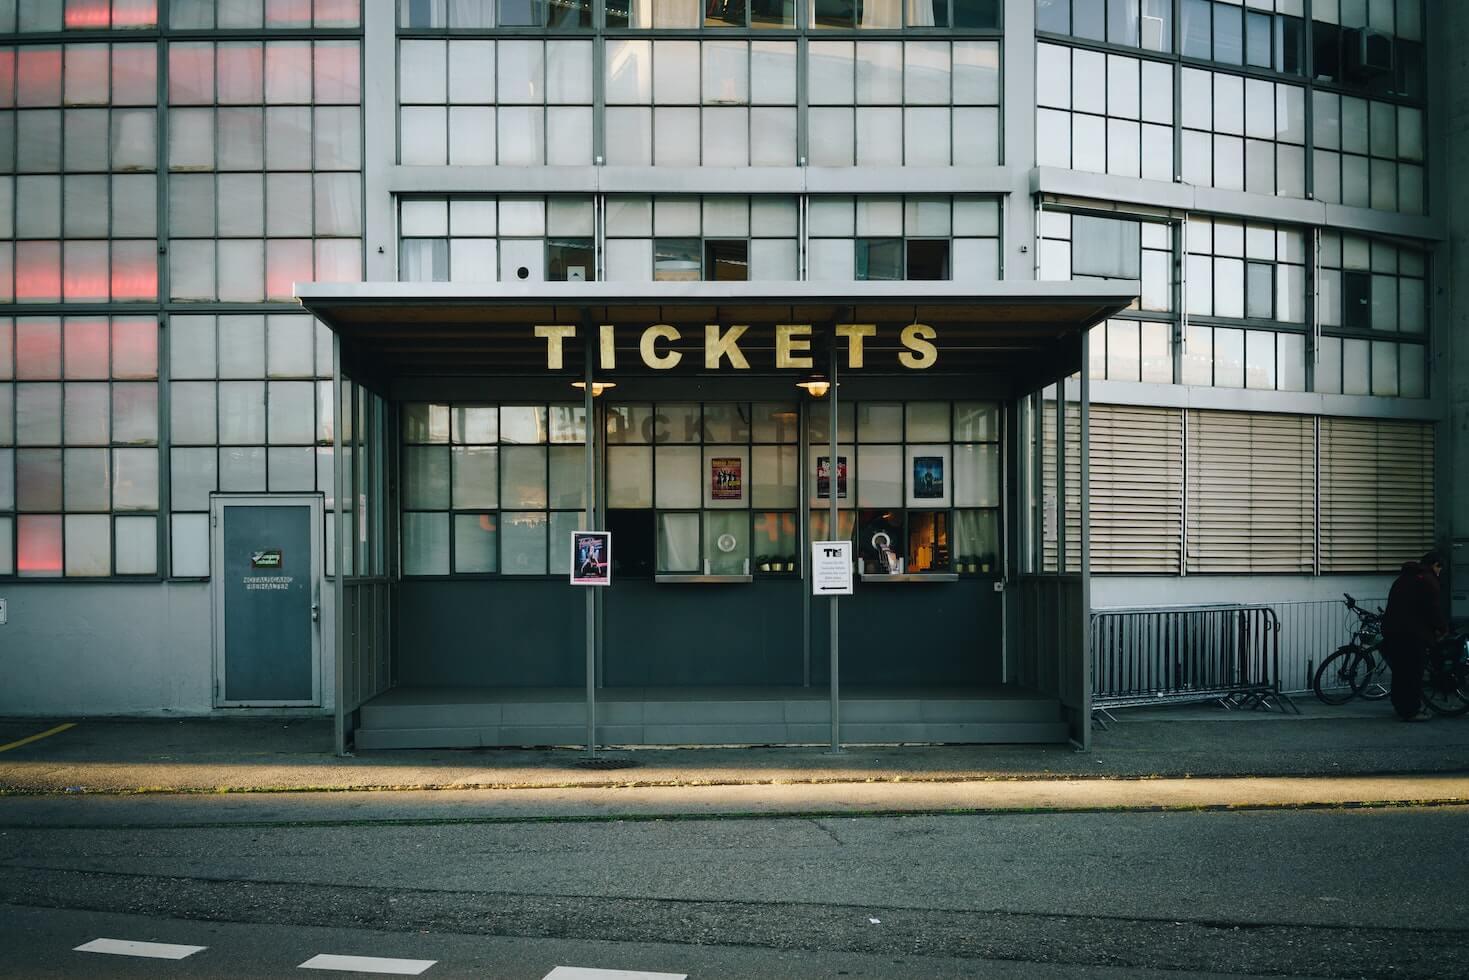 Ticket kantoor